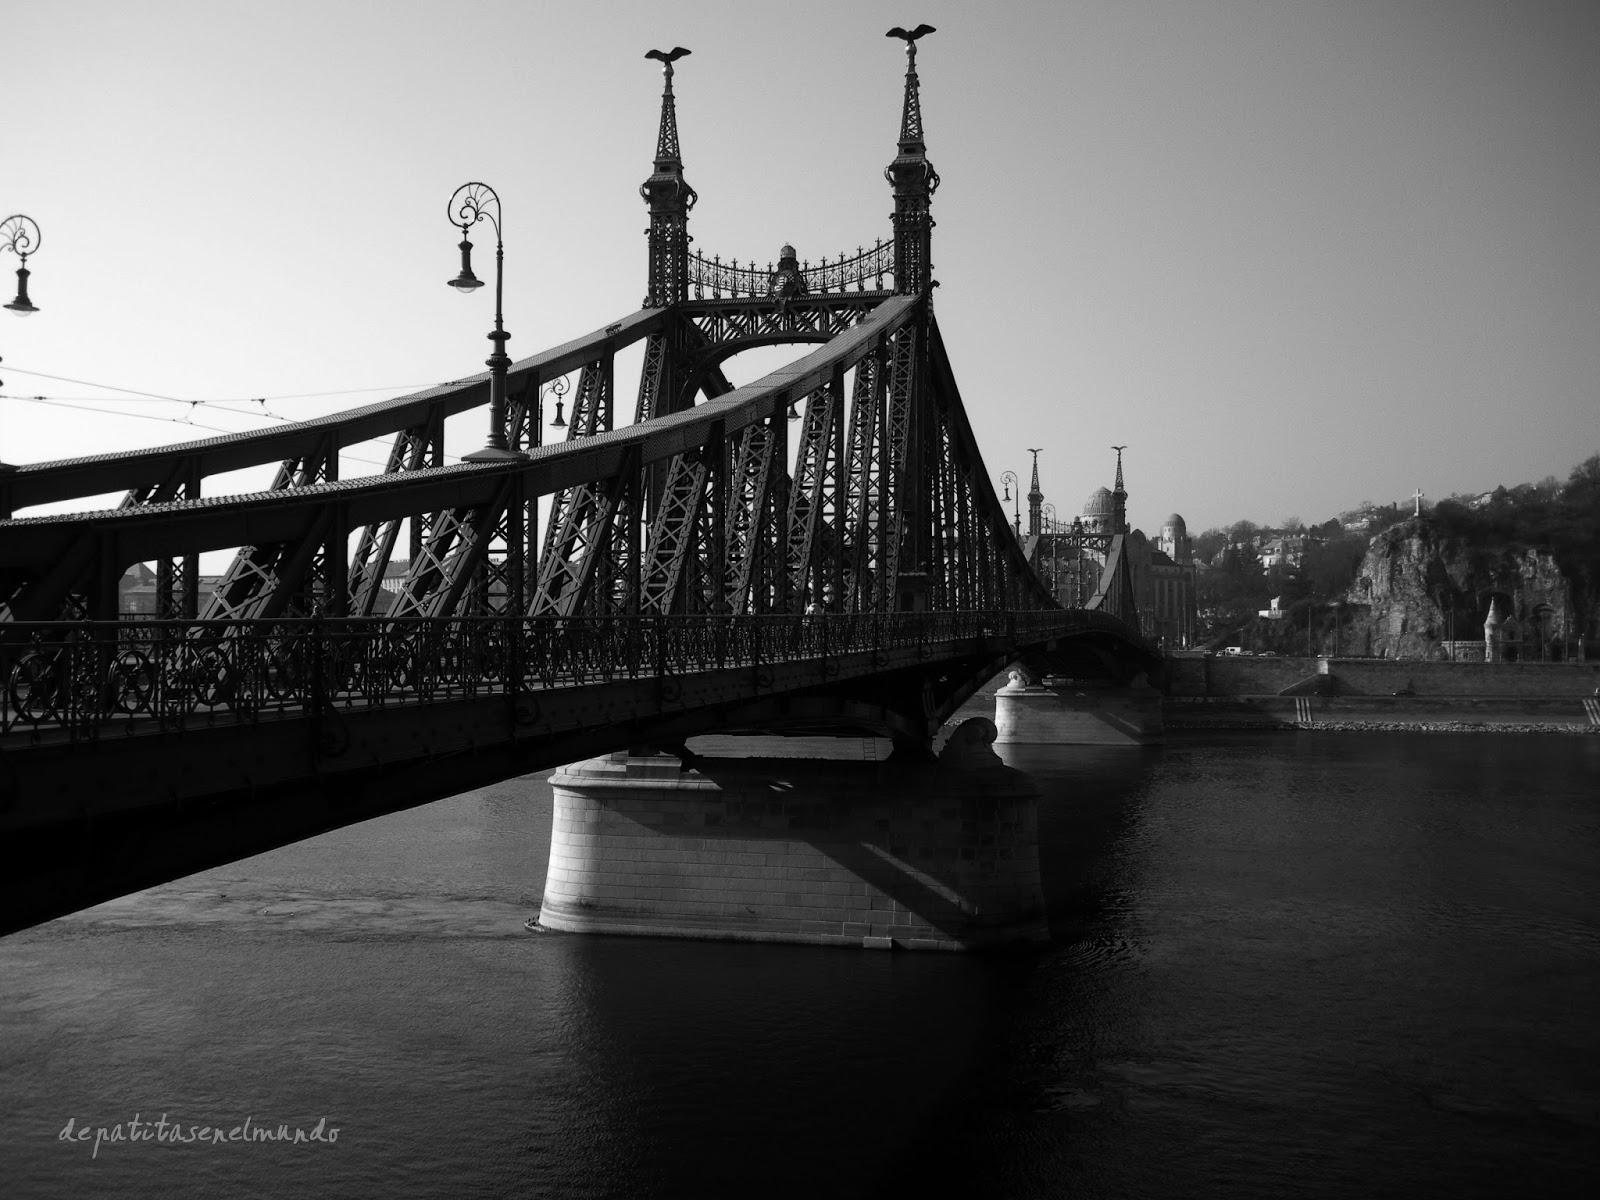 Puente de Budapest